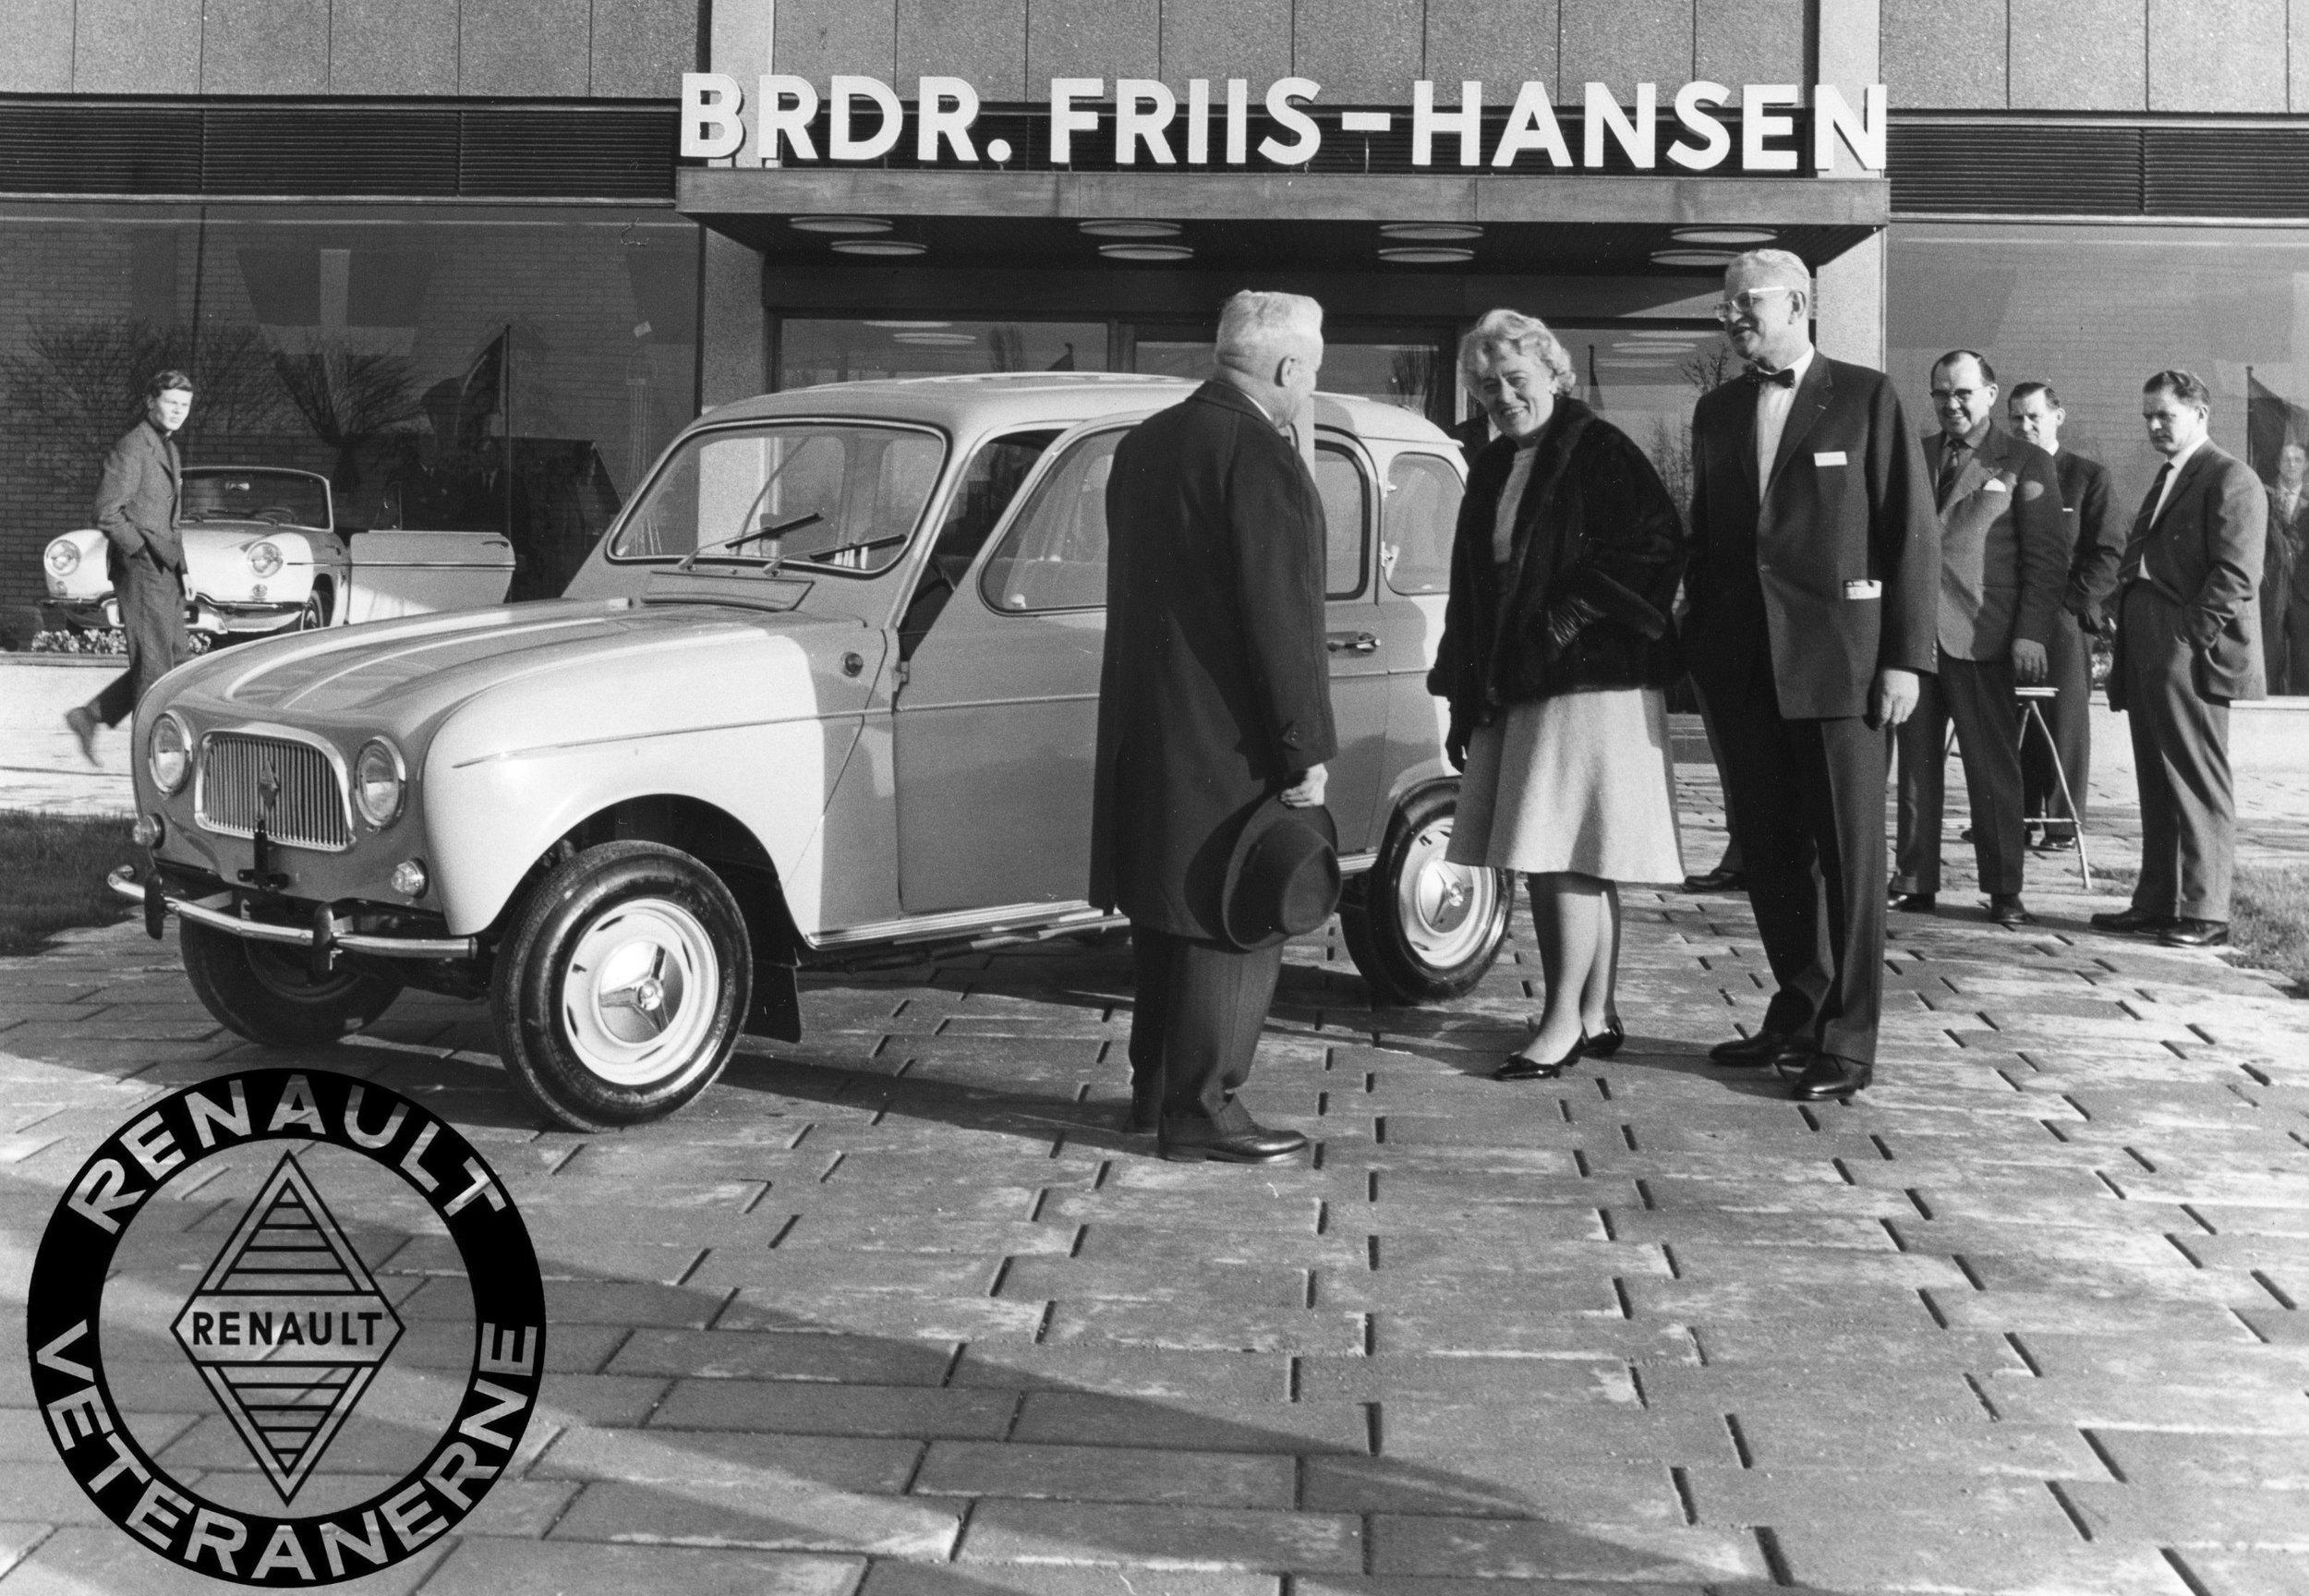 Brdr. Friis Hansens nye hovedsæde ved indvielsen i december 1961. Her med en af de allertidligste Renault 4 i Danmark. Til venstre ses firmaets mangeårige sagfører Cai Starck-Sørensen sammen med Aase og Ejnar Friis-Hansen.